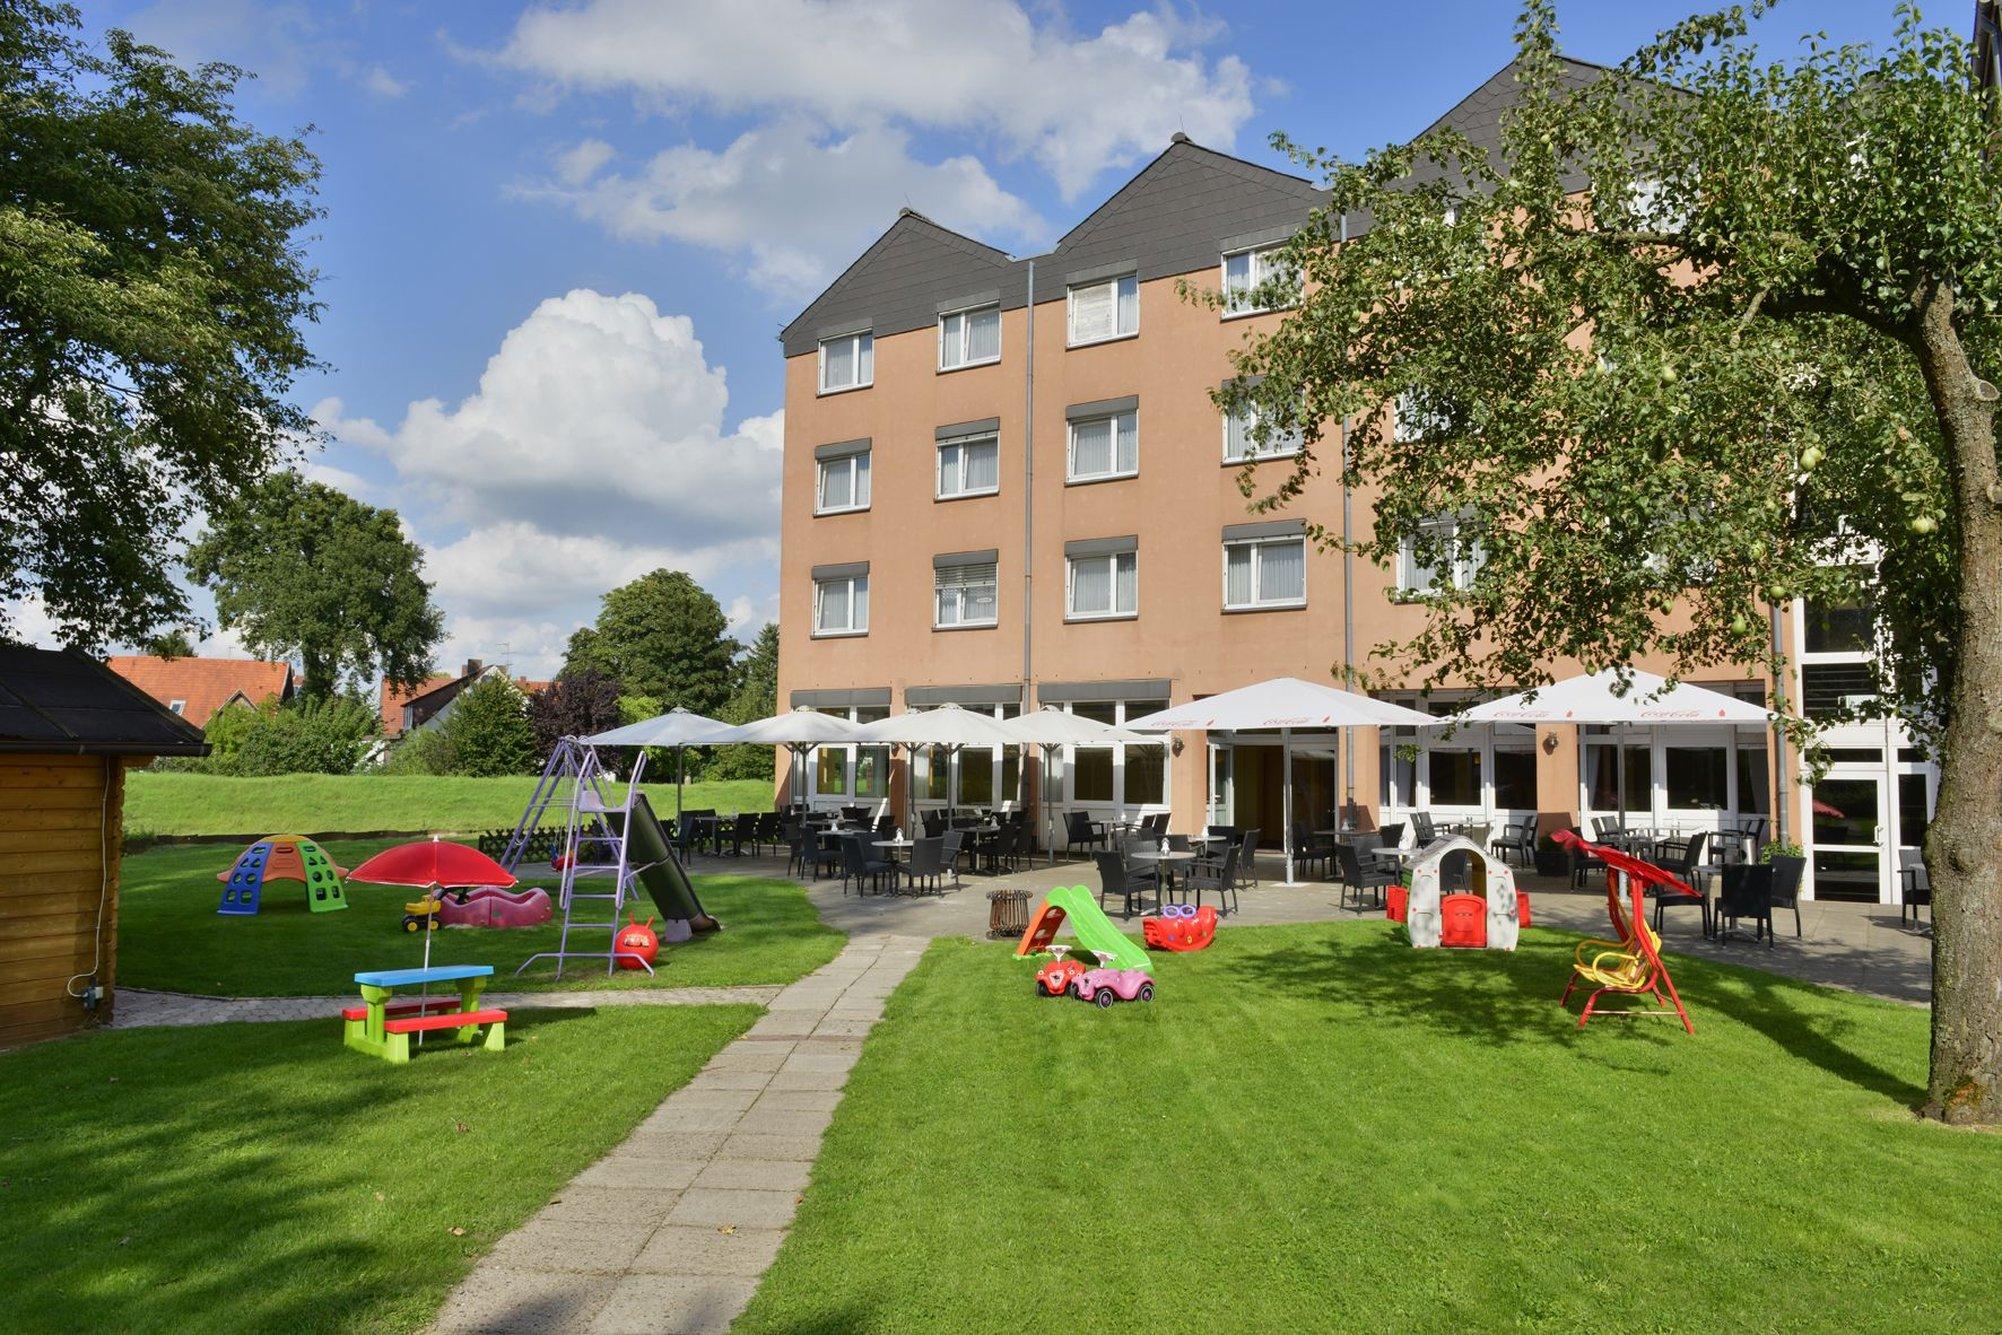 Michel & Friends Hotel Lueneburger Heide